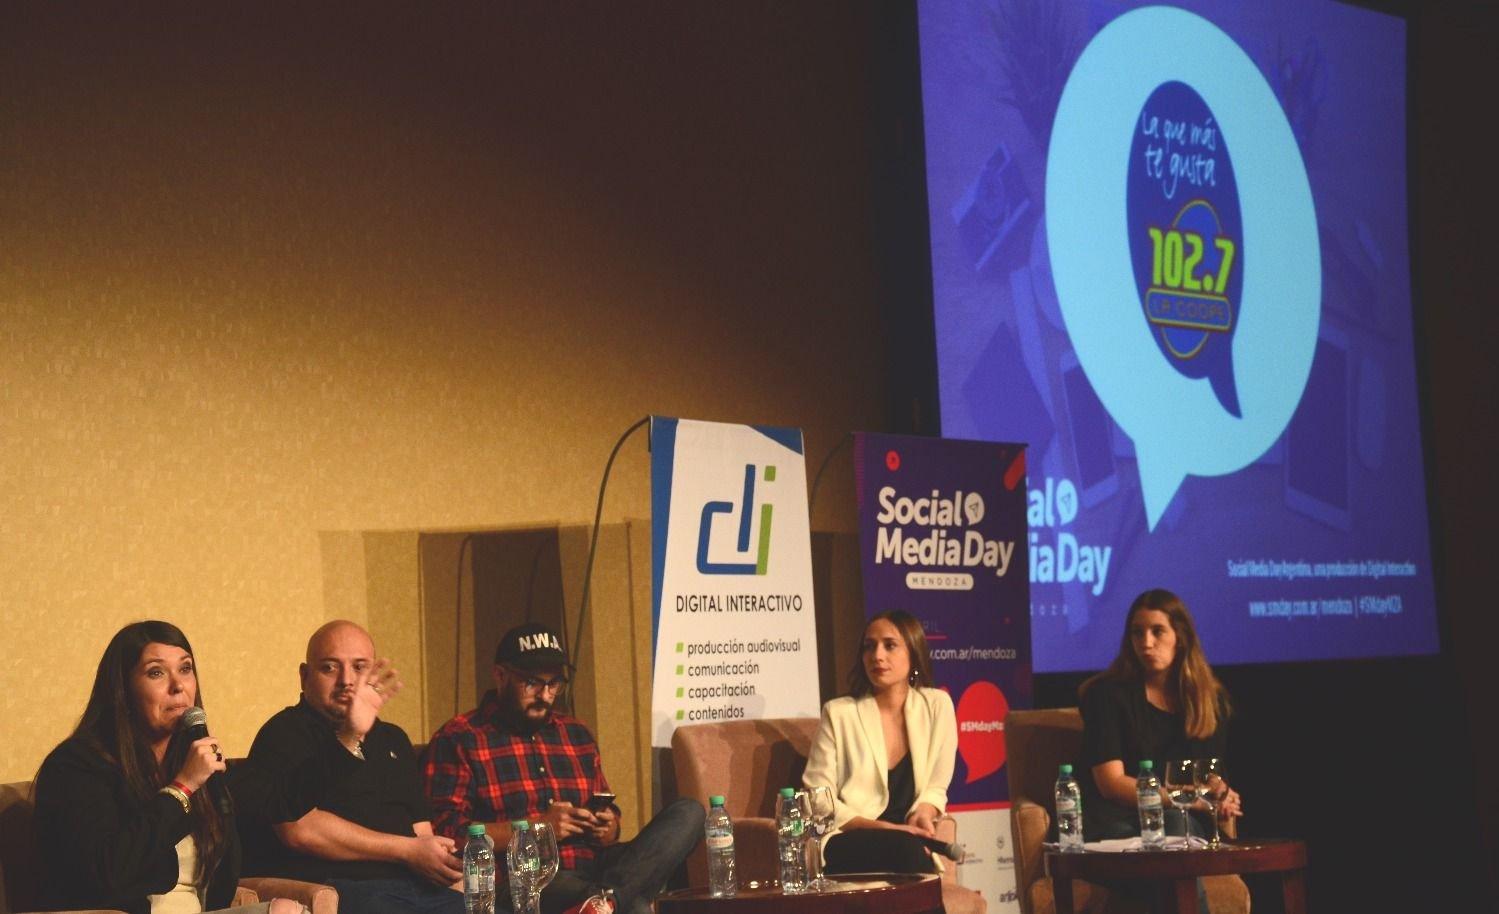 La Coope 102.7 estuvo presente en el Social Media Day Mendoza